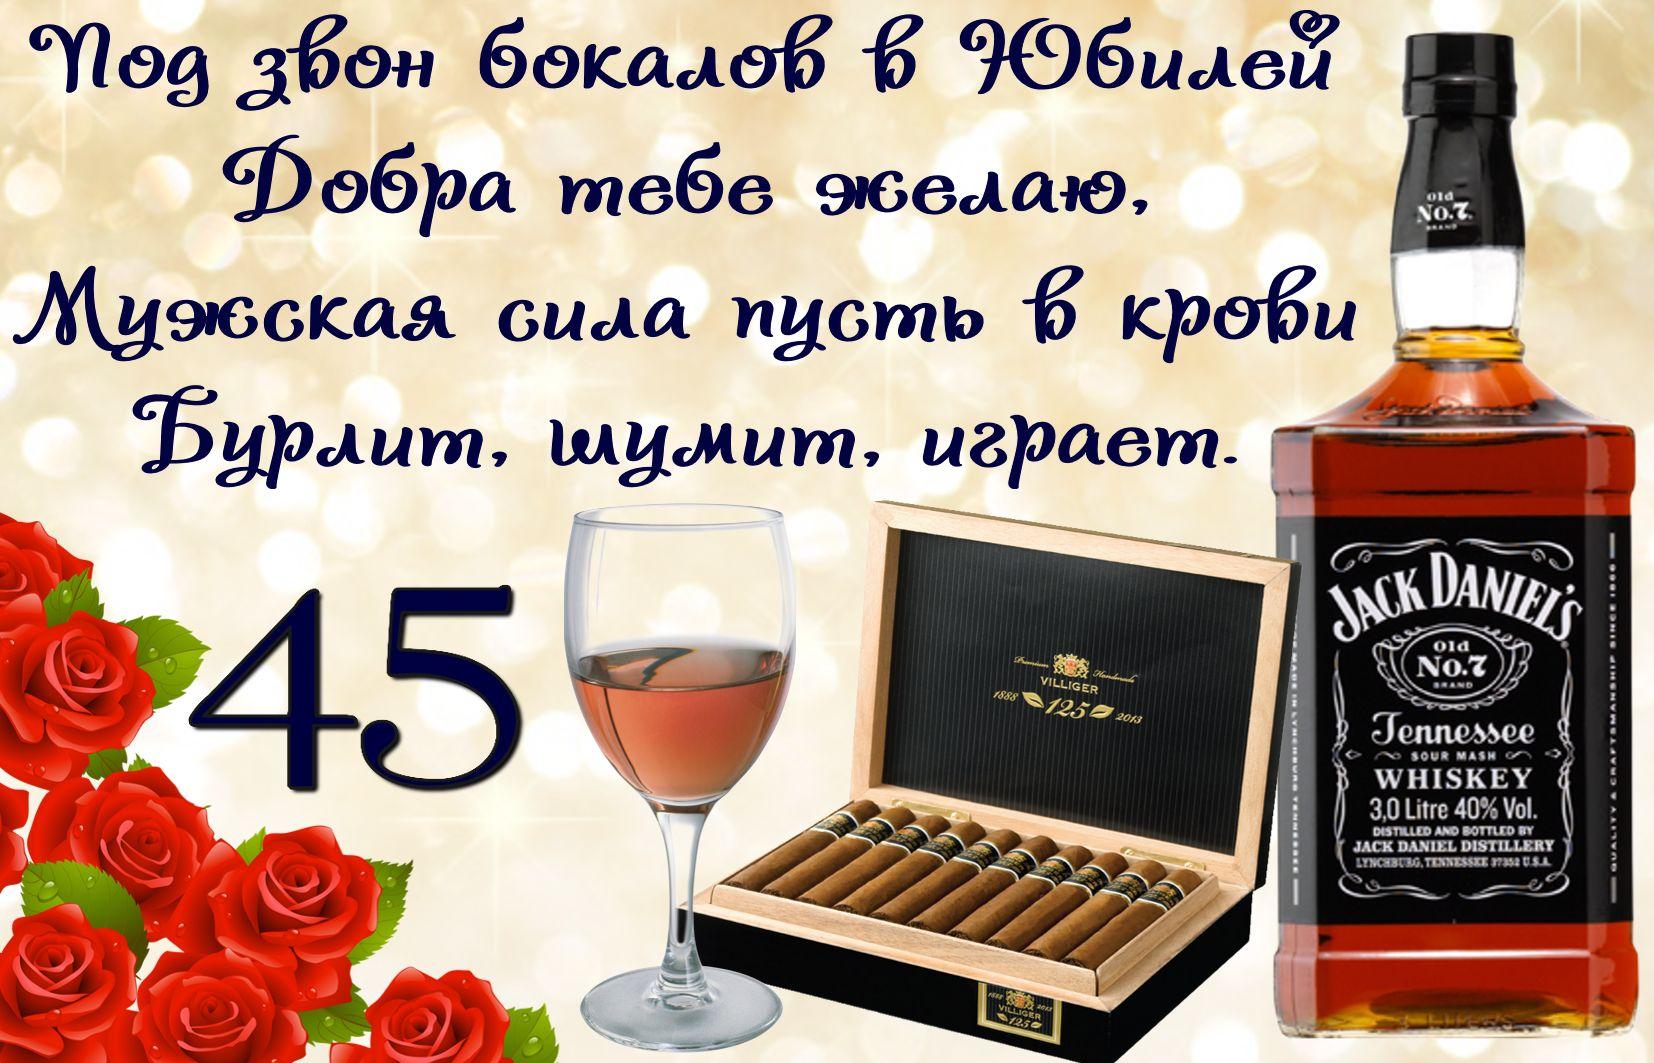 Открытка на 45 лет - виски с сигарами мужчине к юбилею